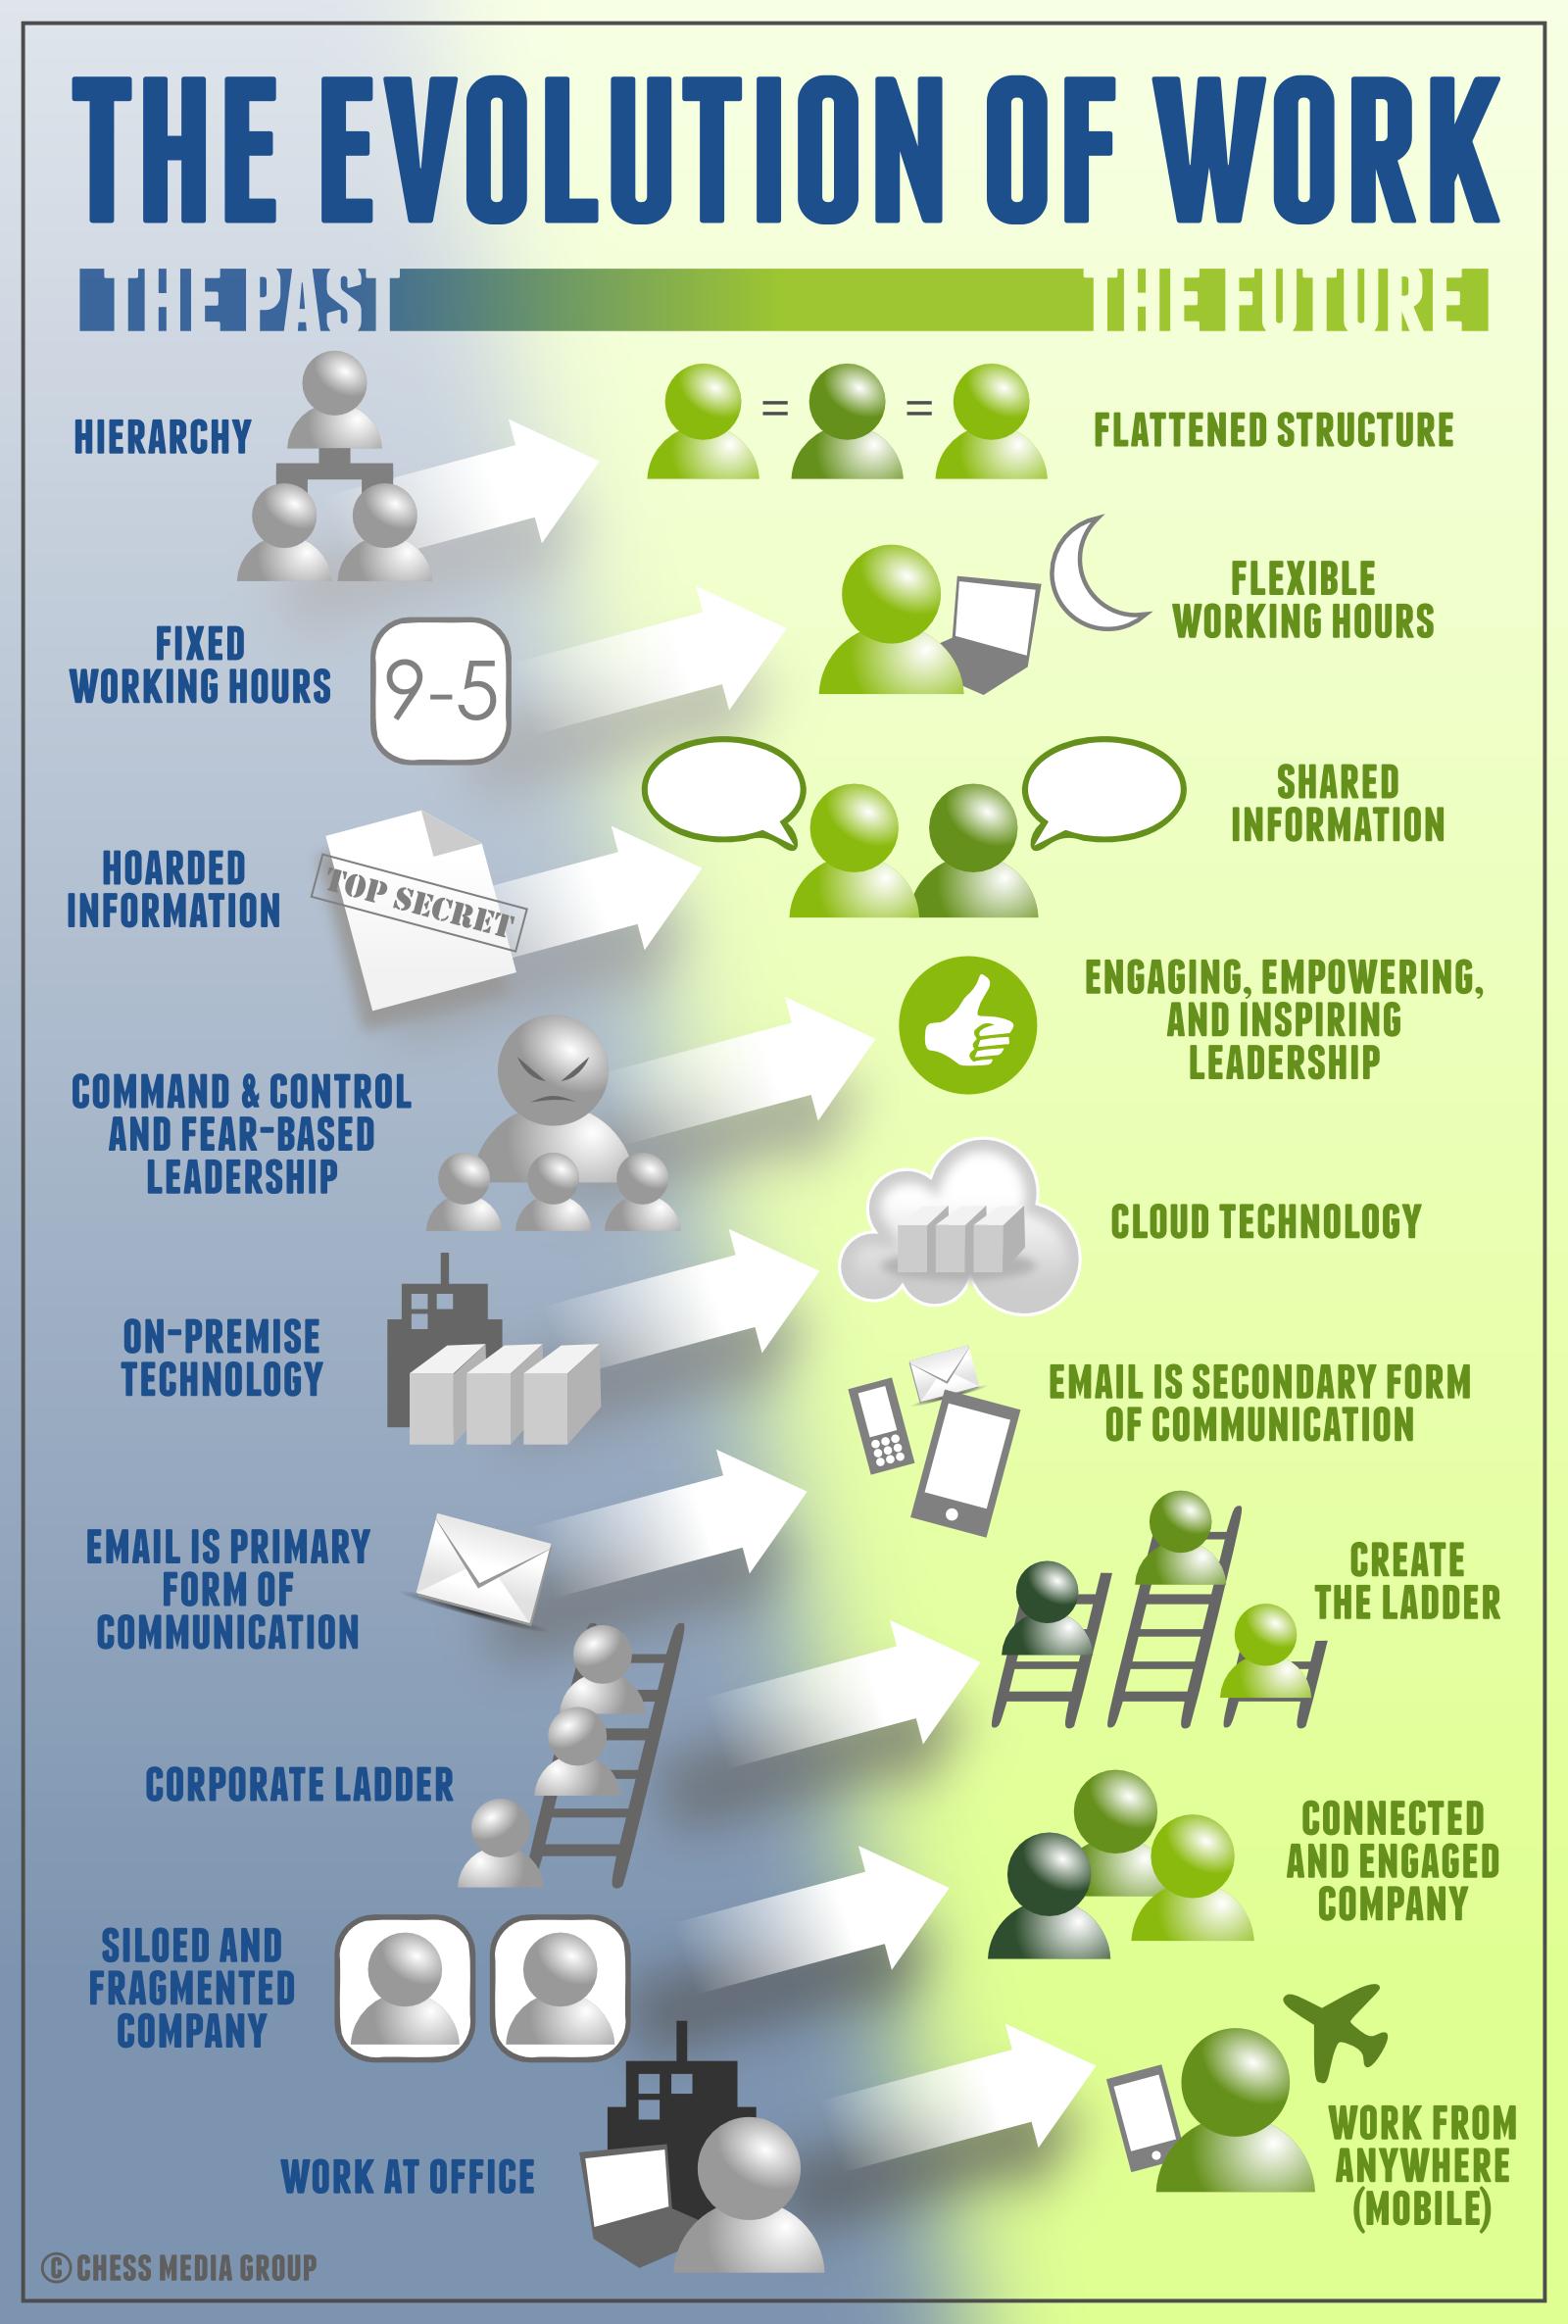 La evolución en la forma de trabajo gracias a la tecnología